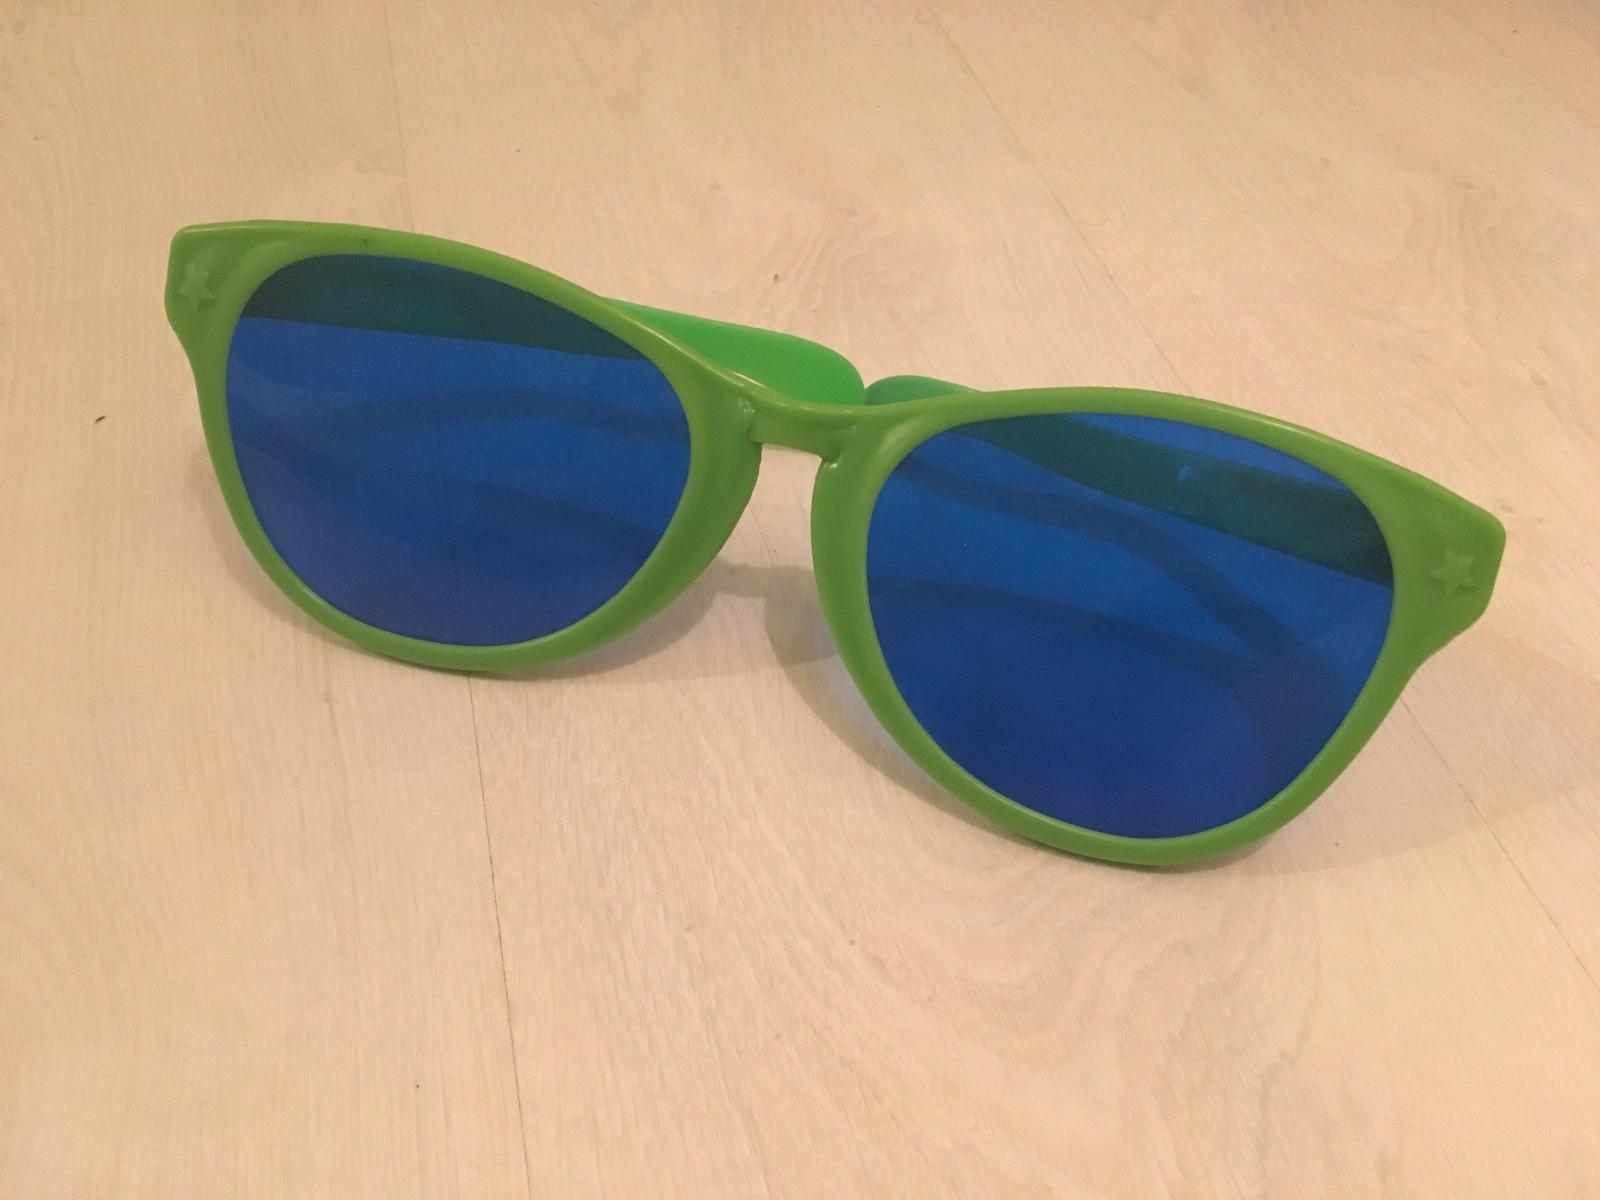 Žartovný predmet - veľké okuliare 871b5c6c727